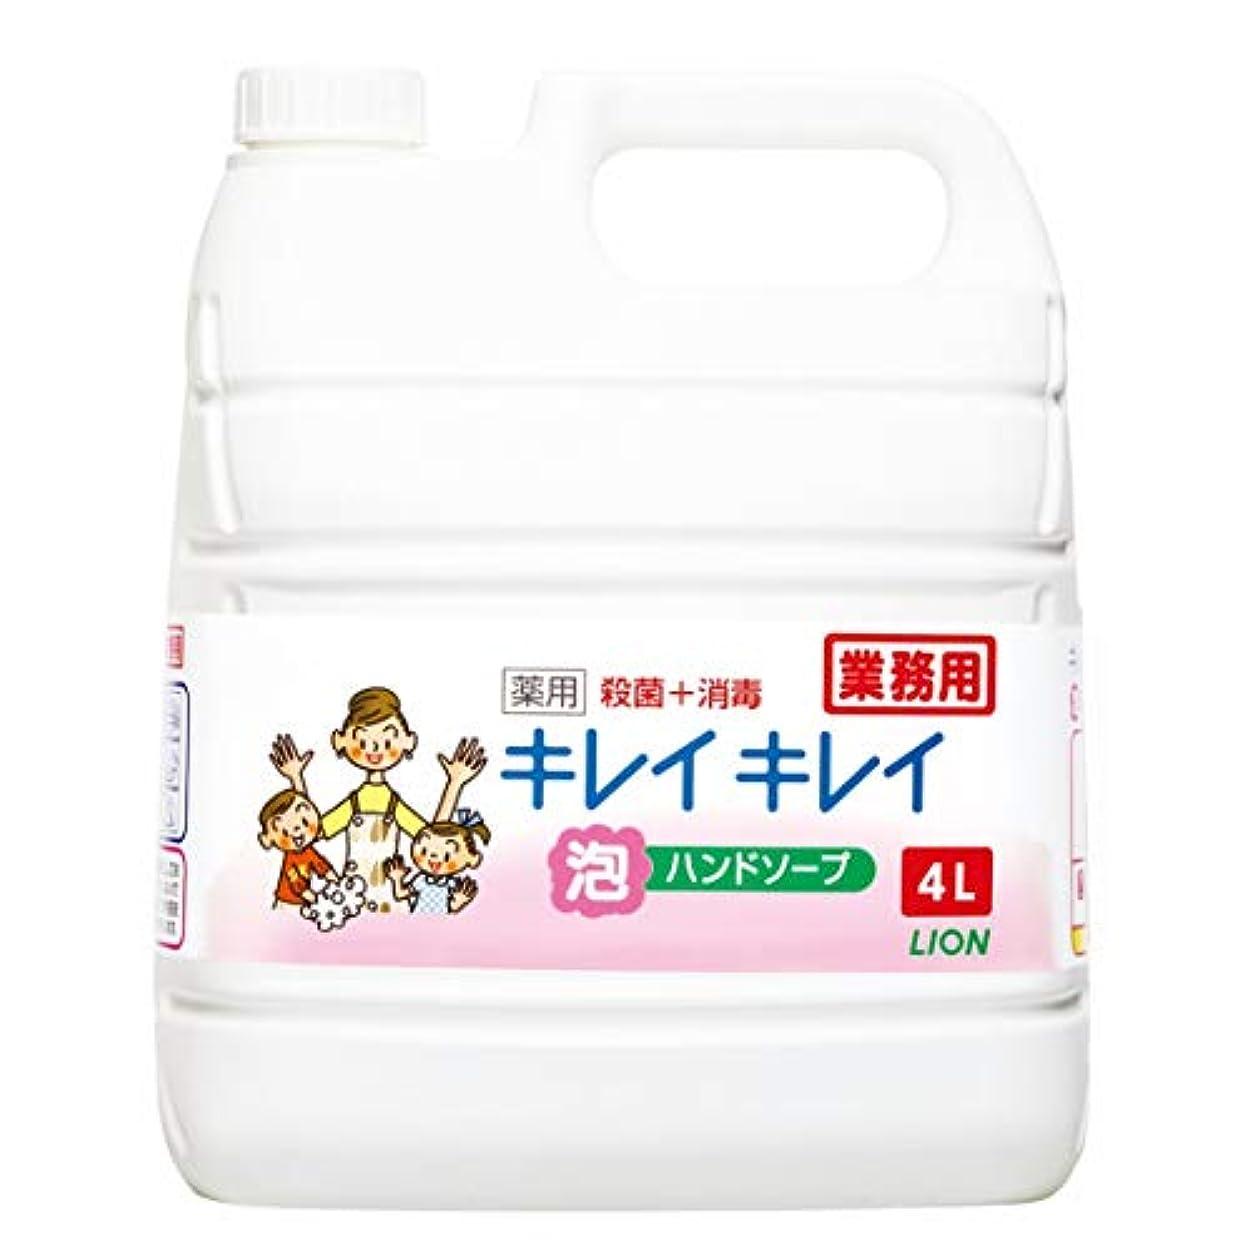 レンチひねり案件【業務用 大容量】キレイキレイ 薬用 泡ハンドソープ シトラスフルーティの香り 4L(医薬部外品)